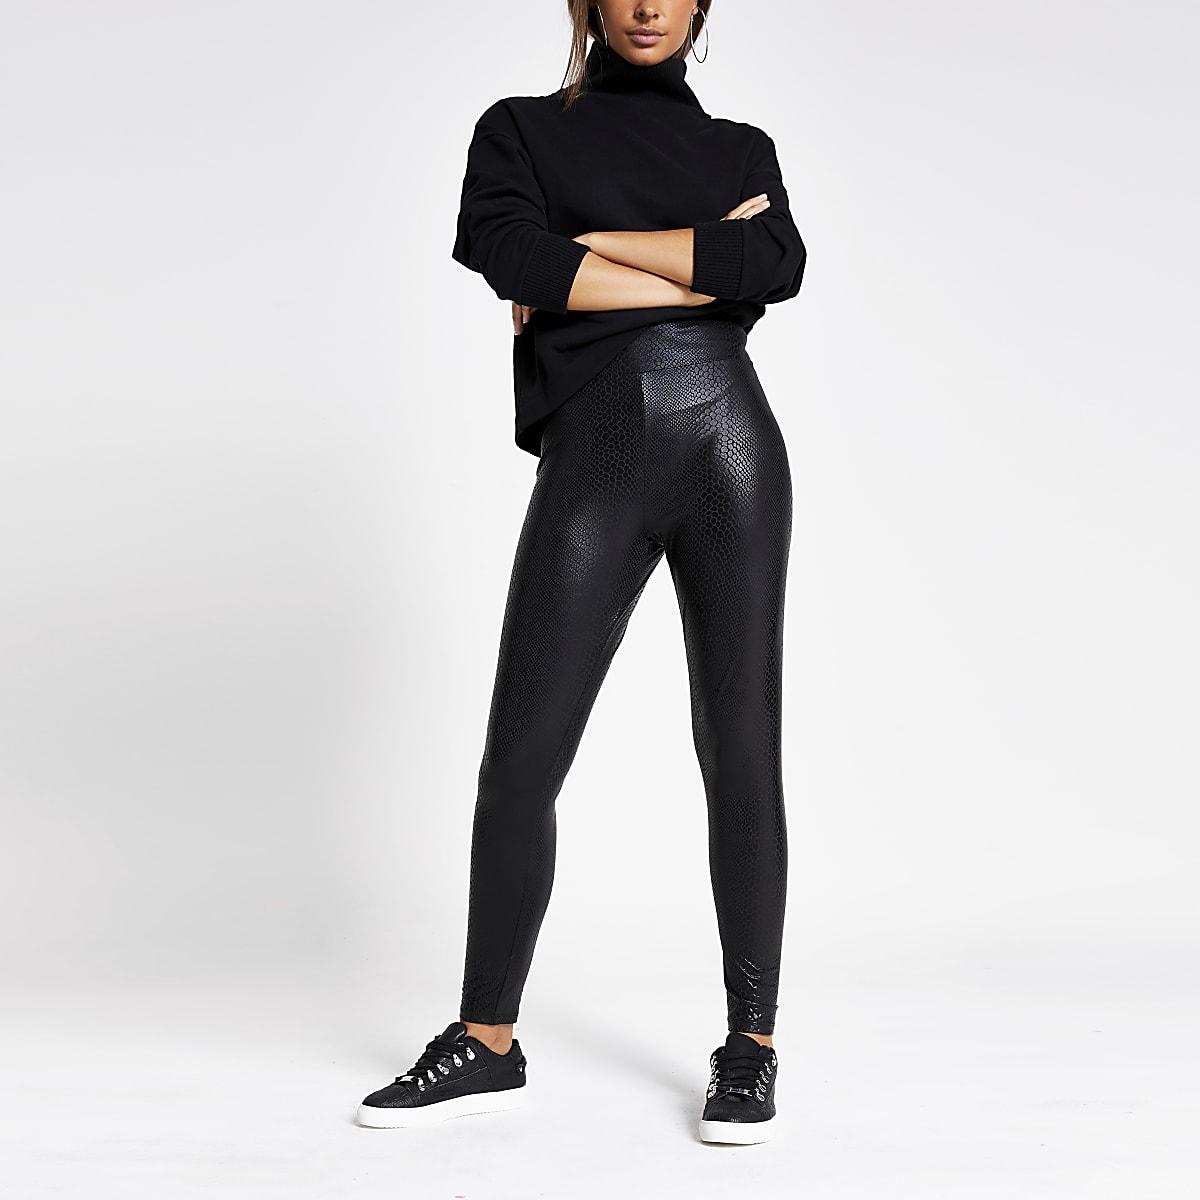 Black snake printed coated leggings